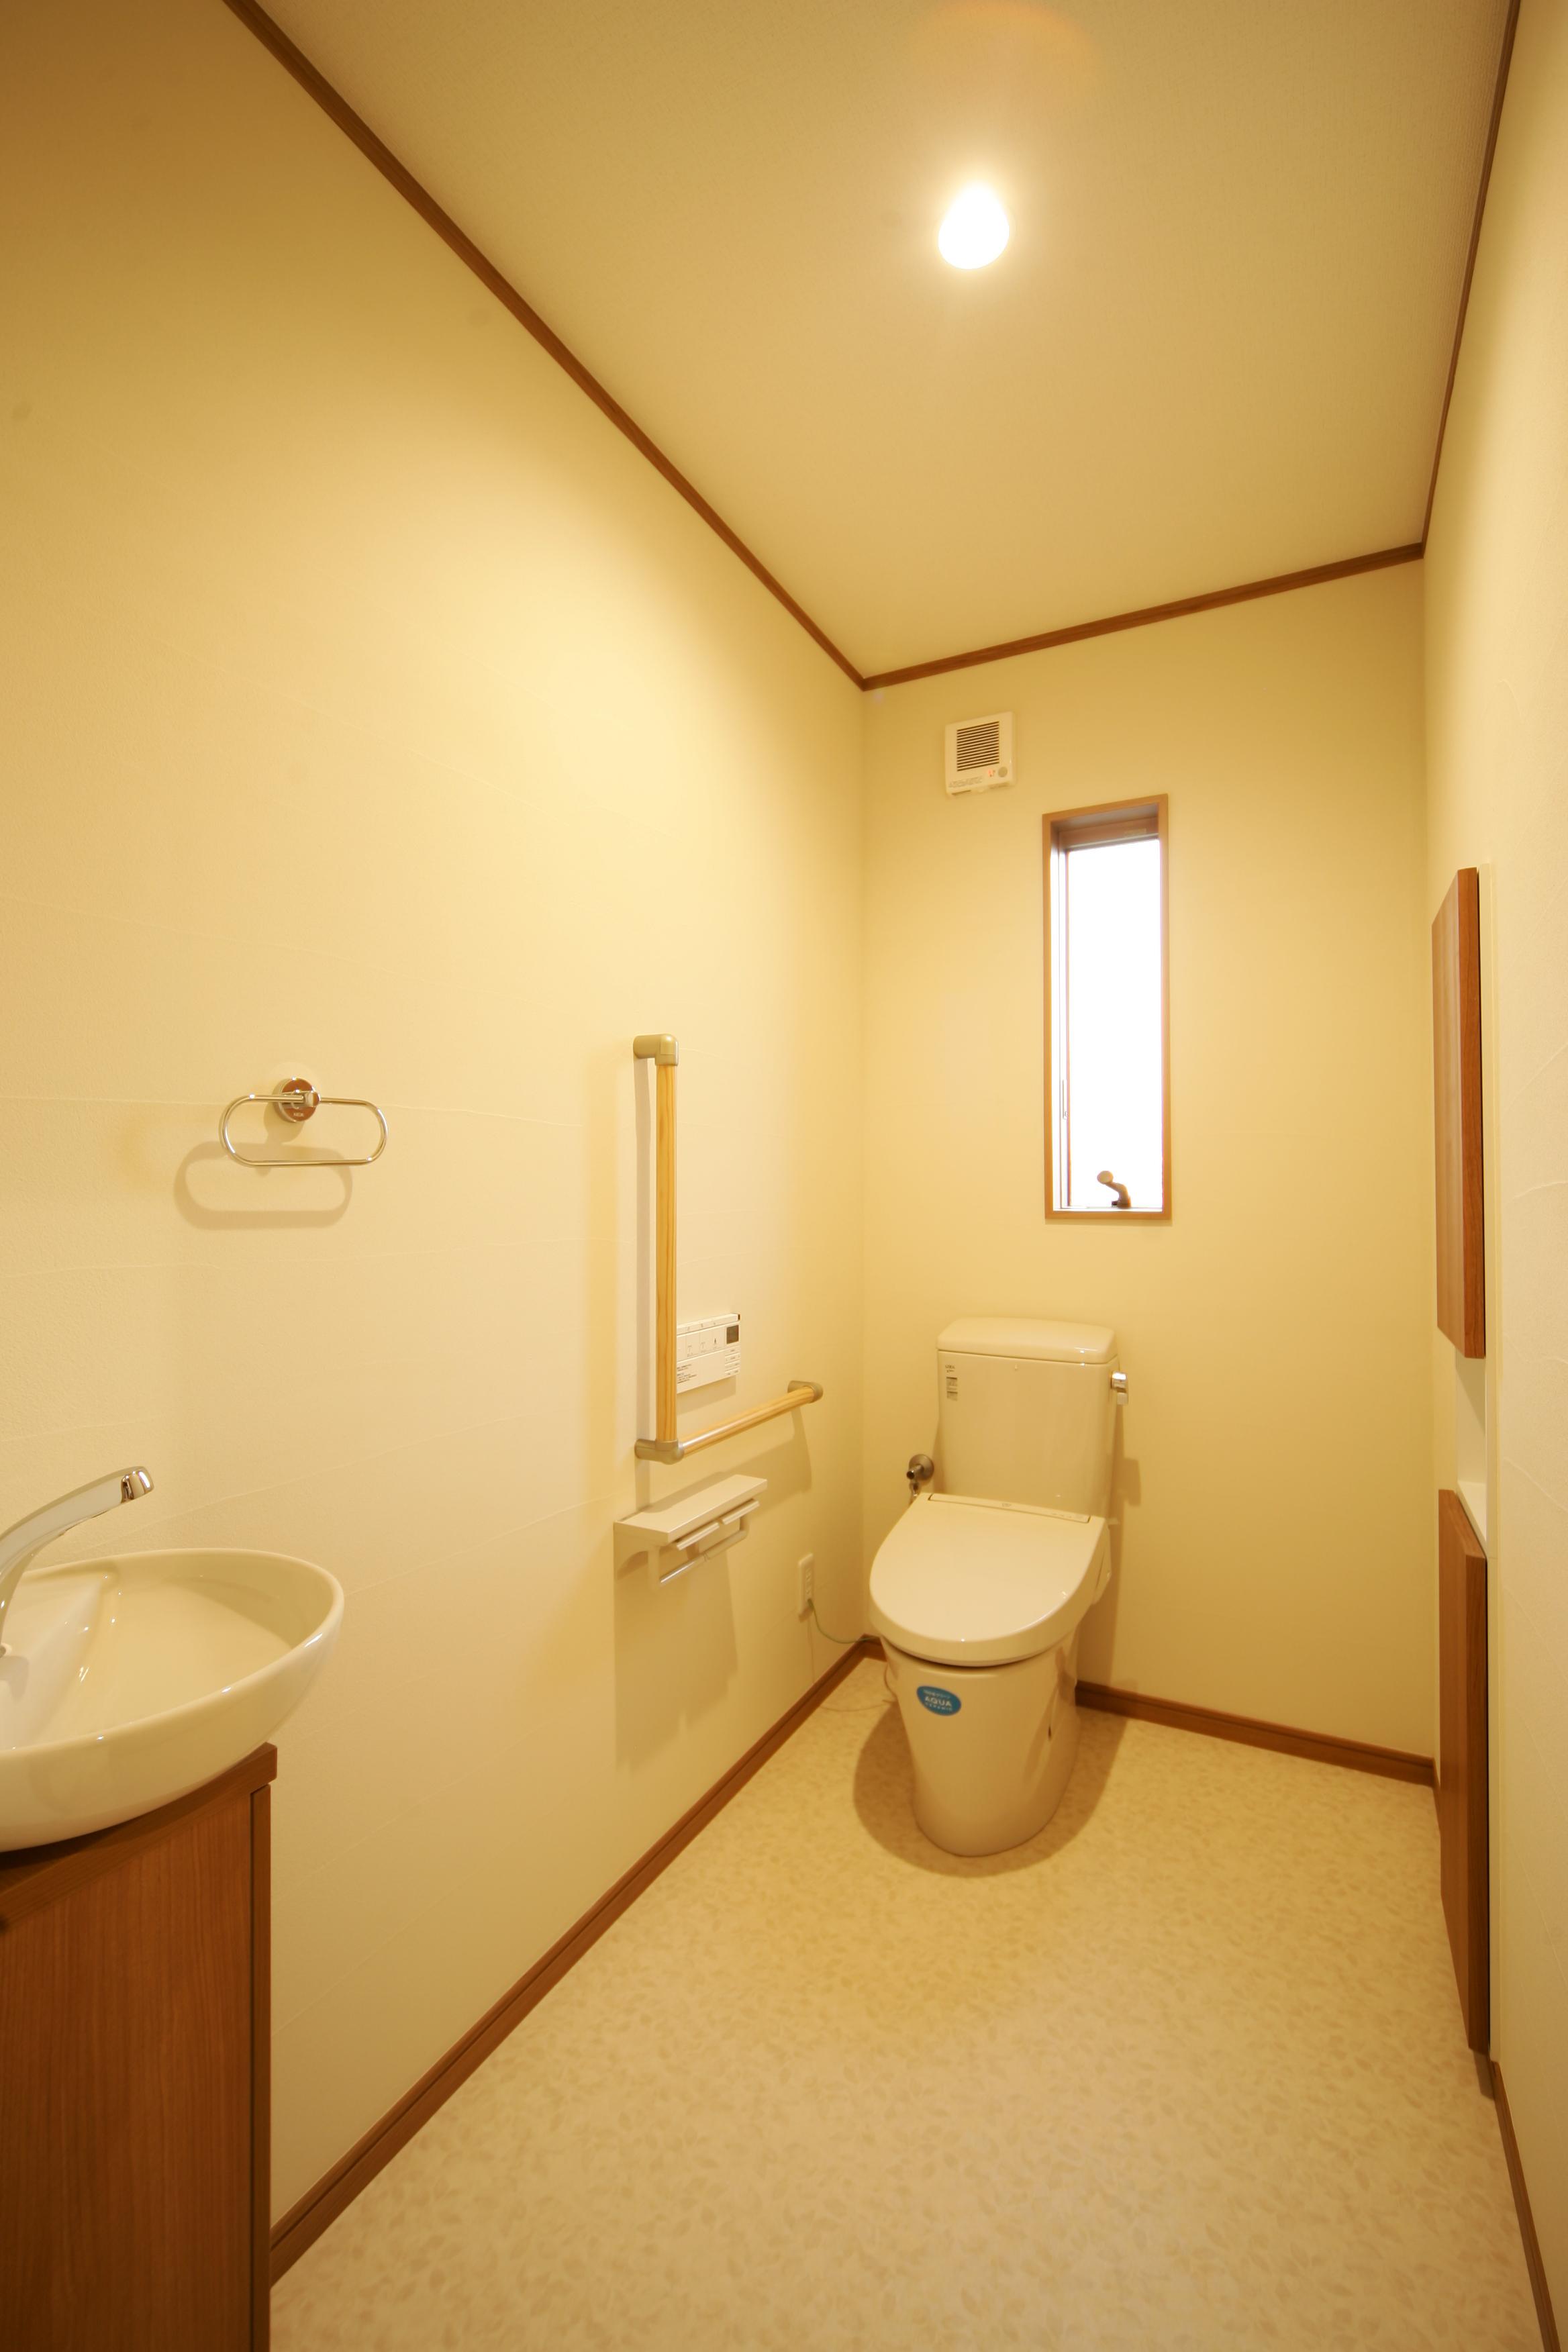 住まいるコーポレーション【二世帯住宅、自然素材、平屋】トイレも通常よりも広さにゆとりを持たせ、手すりもしっかり設けてある。湿気がこもらないように、壁には珪藻土を使用